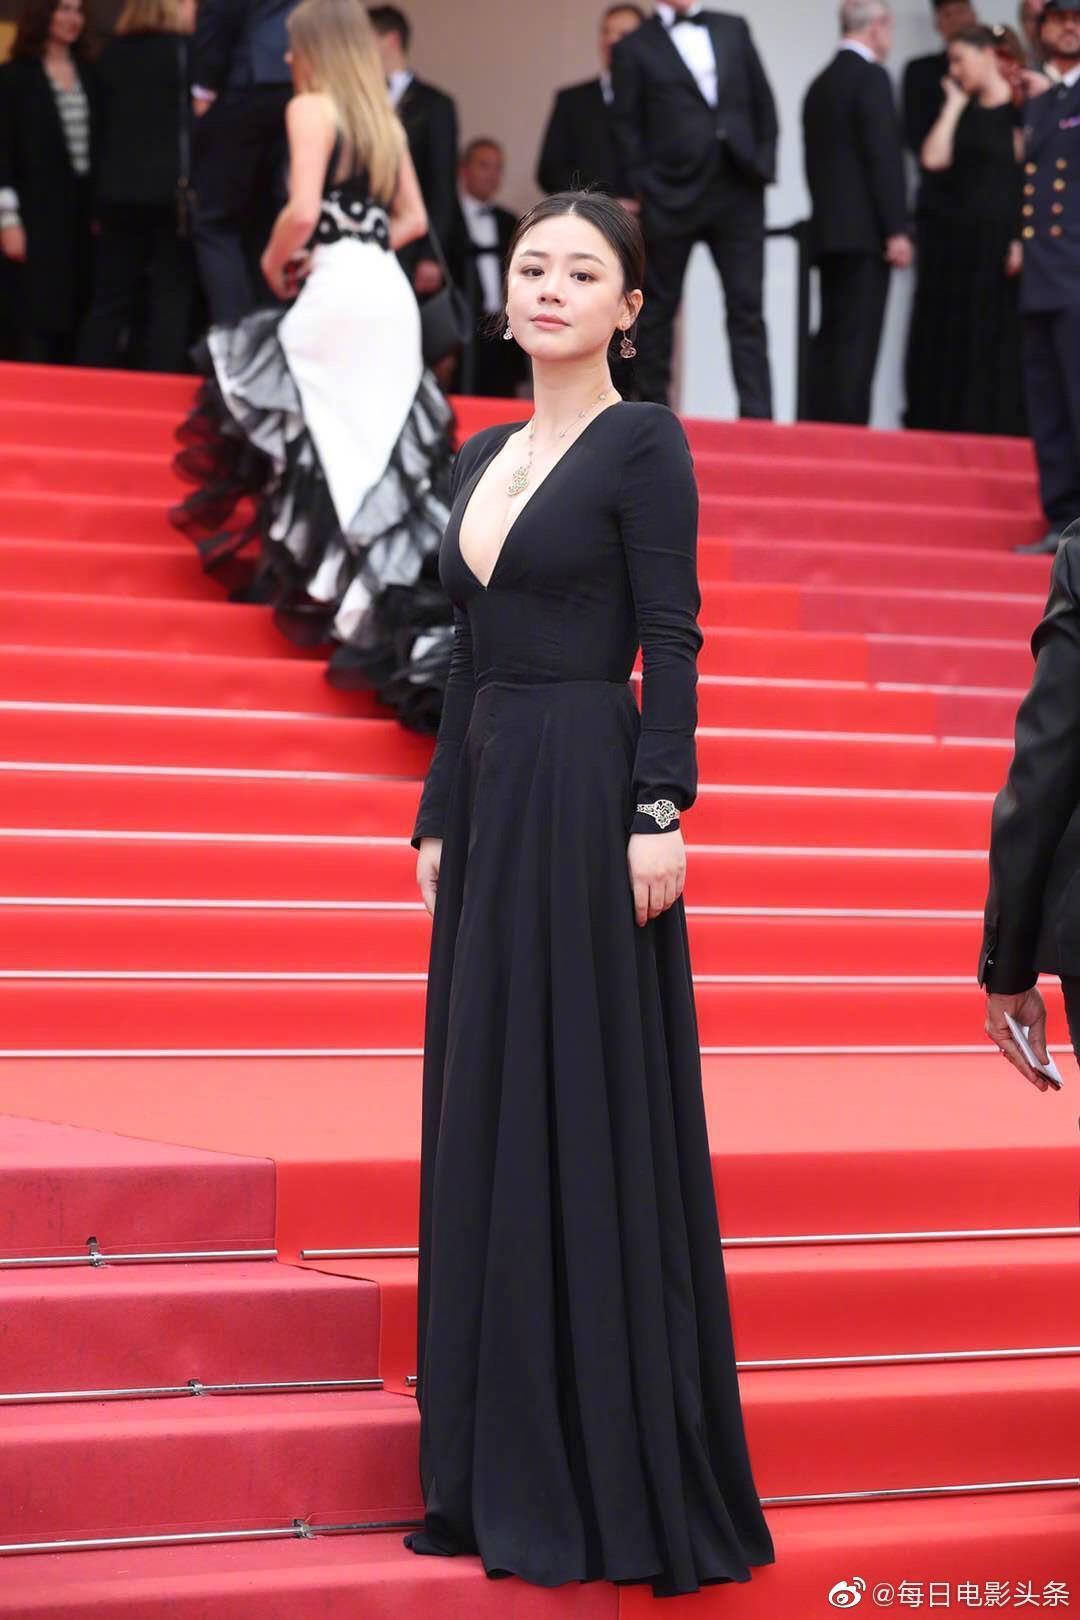 Sao nữ Trung Quốc bị chê bóp eo, nâng ngực quá đà trong ảnh ở Cannes Ảnh 1